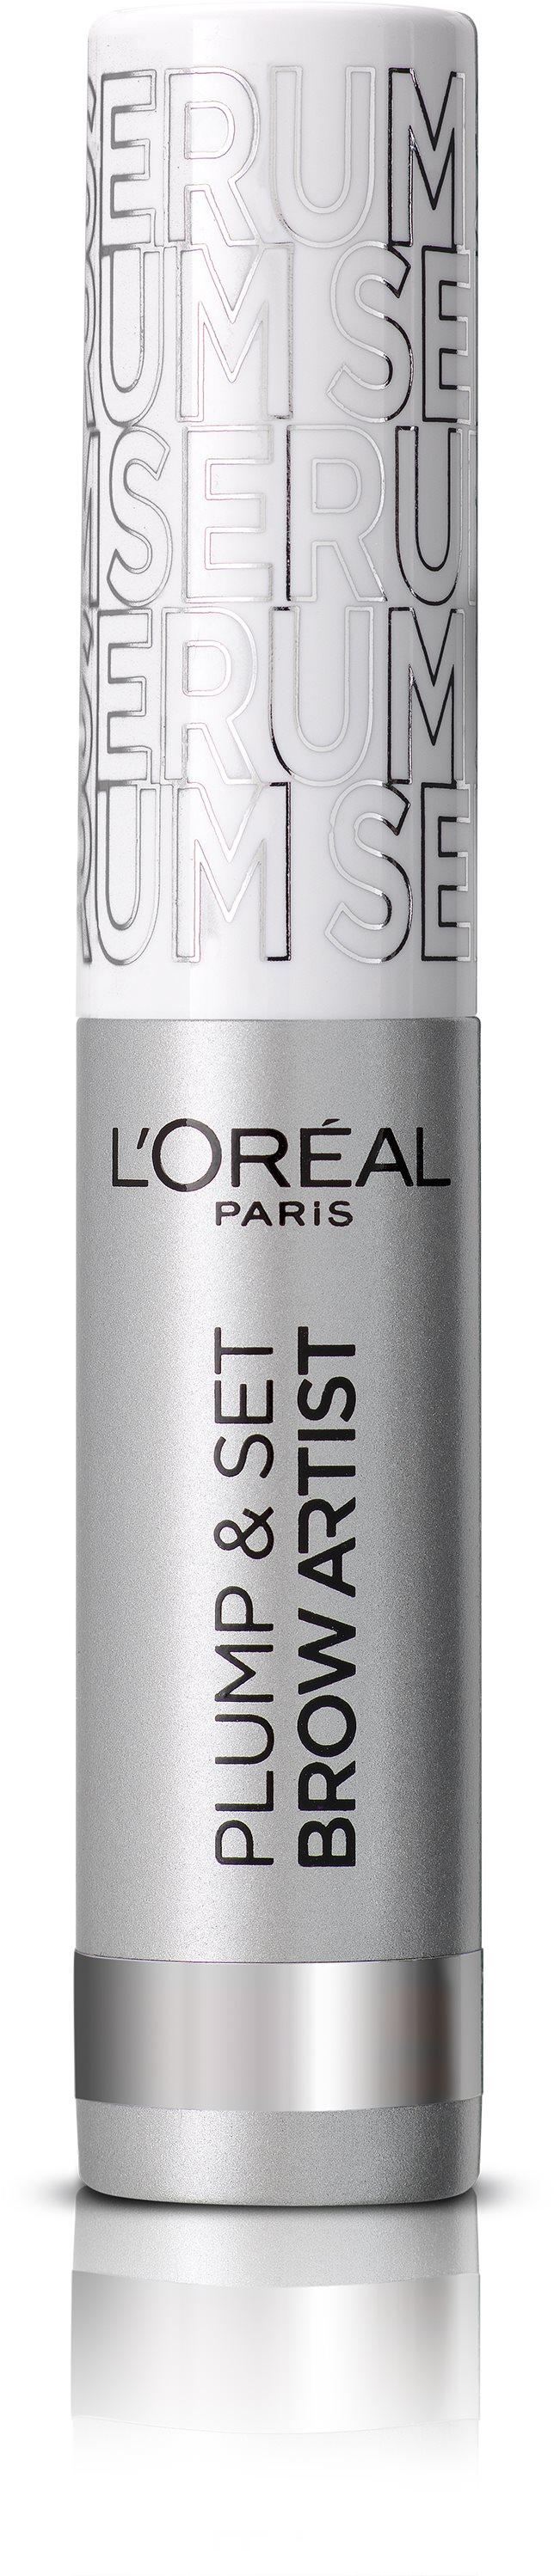 L'ORÉAL PARIS Brow Artist Plumper 00 Transparent 4,9 ml